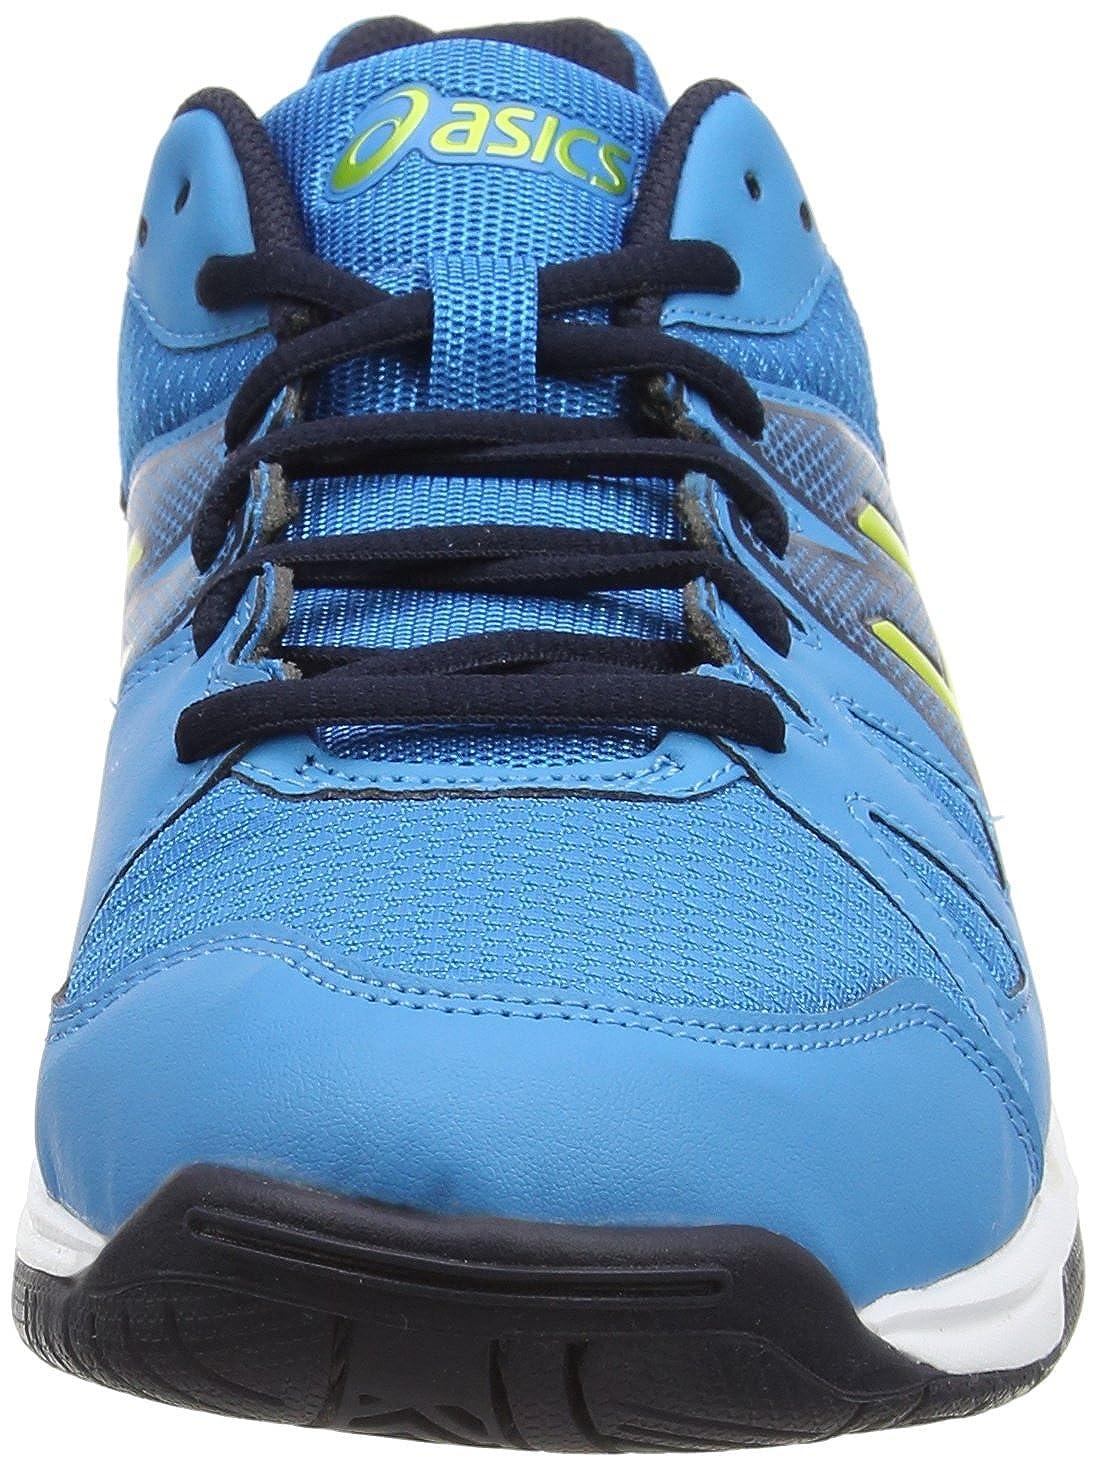 ASICS Gel-Padel MAX 2, Zapatillas de Tenis para Hombre: Amazon.es ...